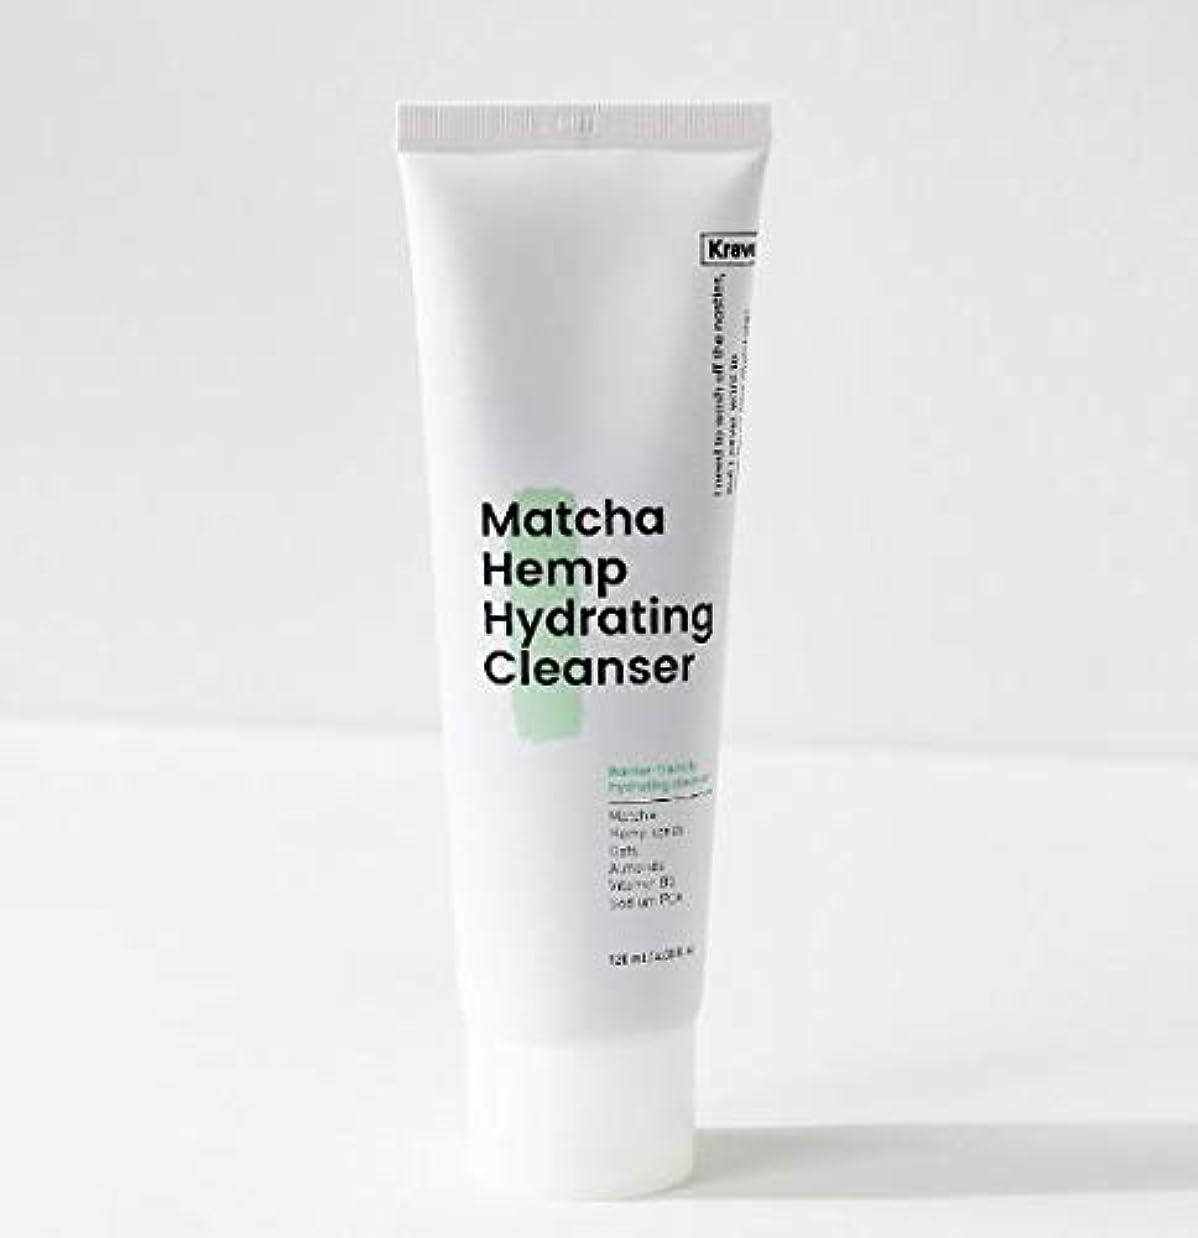 バルクパール粘土[Krave] Matcha Hemp Hydrating Cleanser 120ml / 抹茶ハイドレイティングクレンザー120ml [並行輸入品]